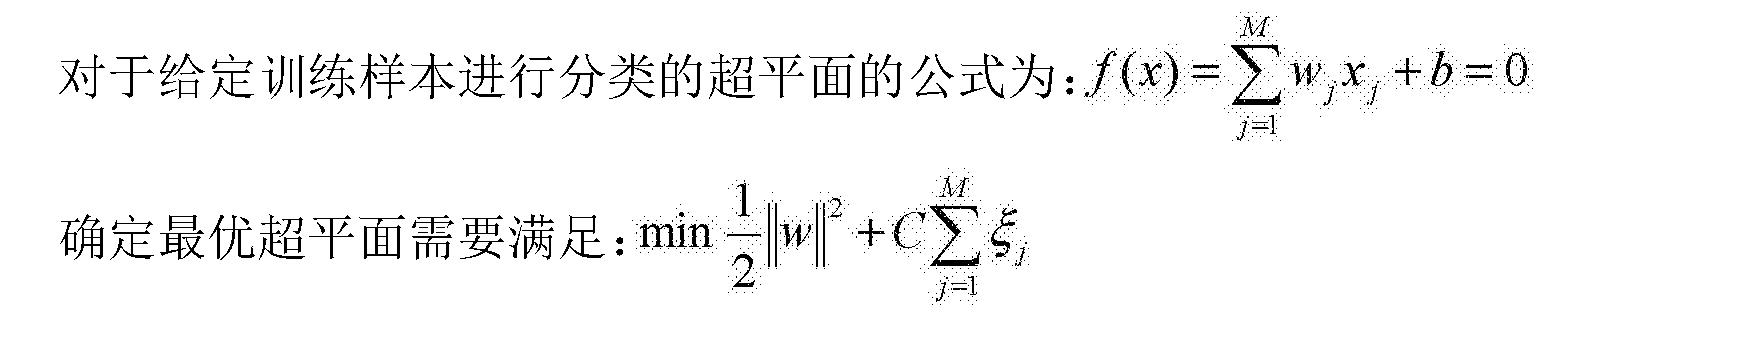 Figure CN104008399BC00021